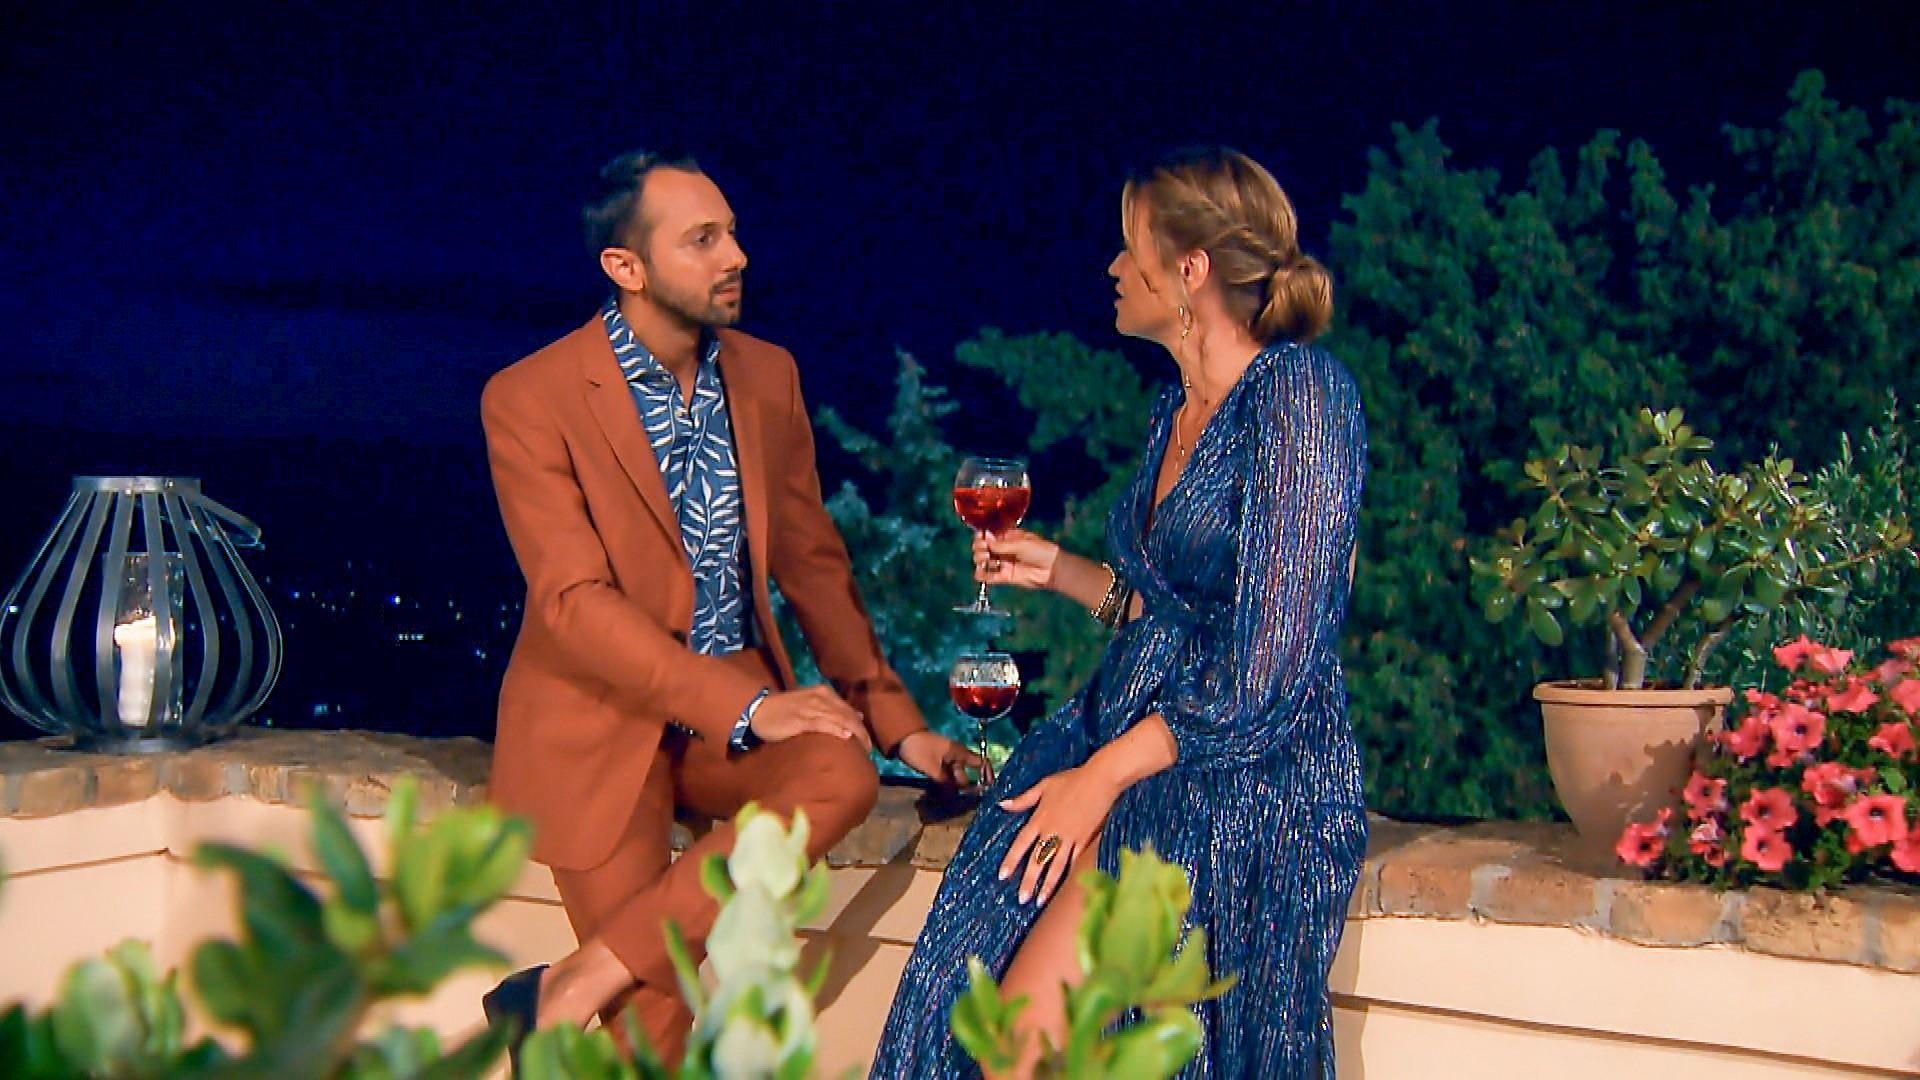 """In der """"Nacht der Rosen"""" sucht Jorgo das Gespräch."""